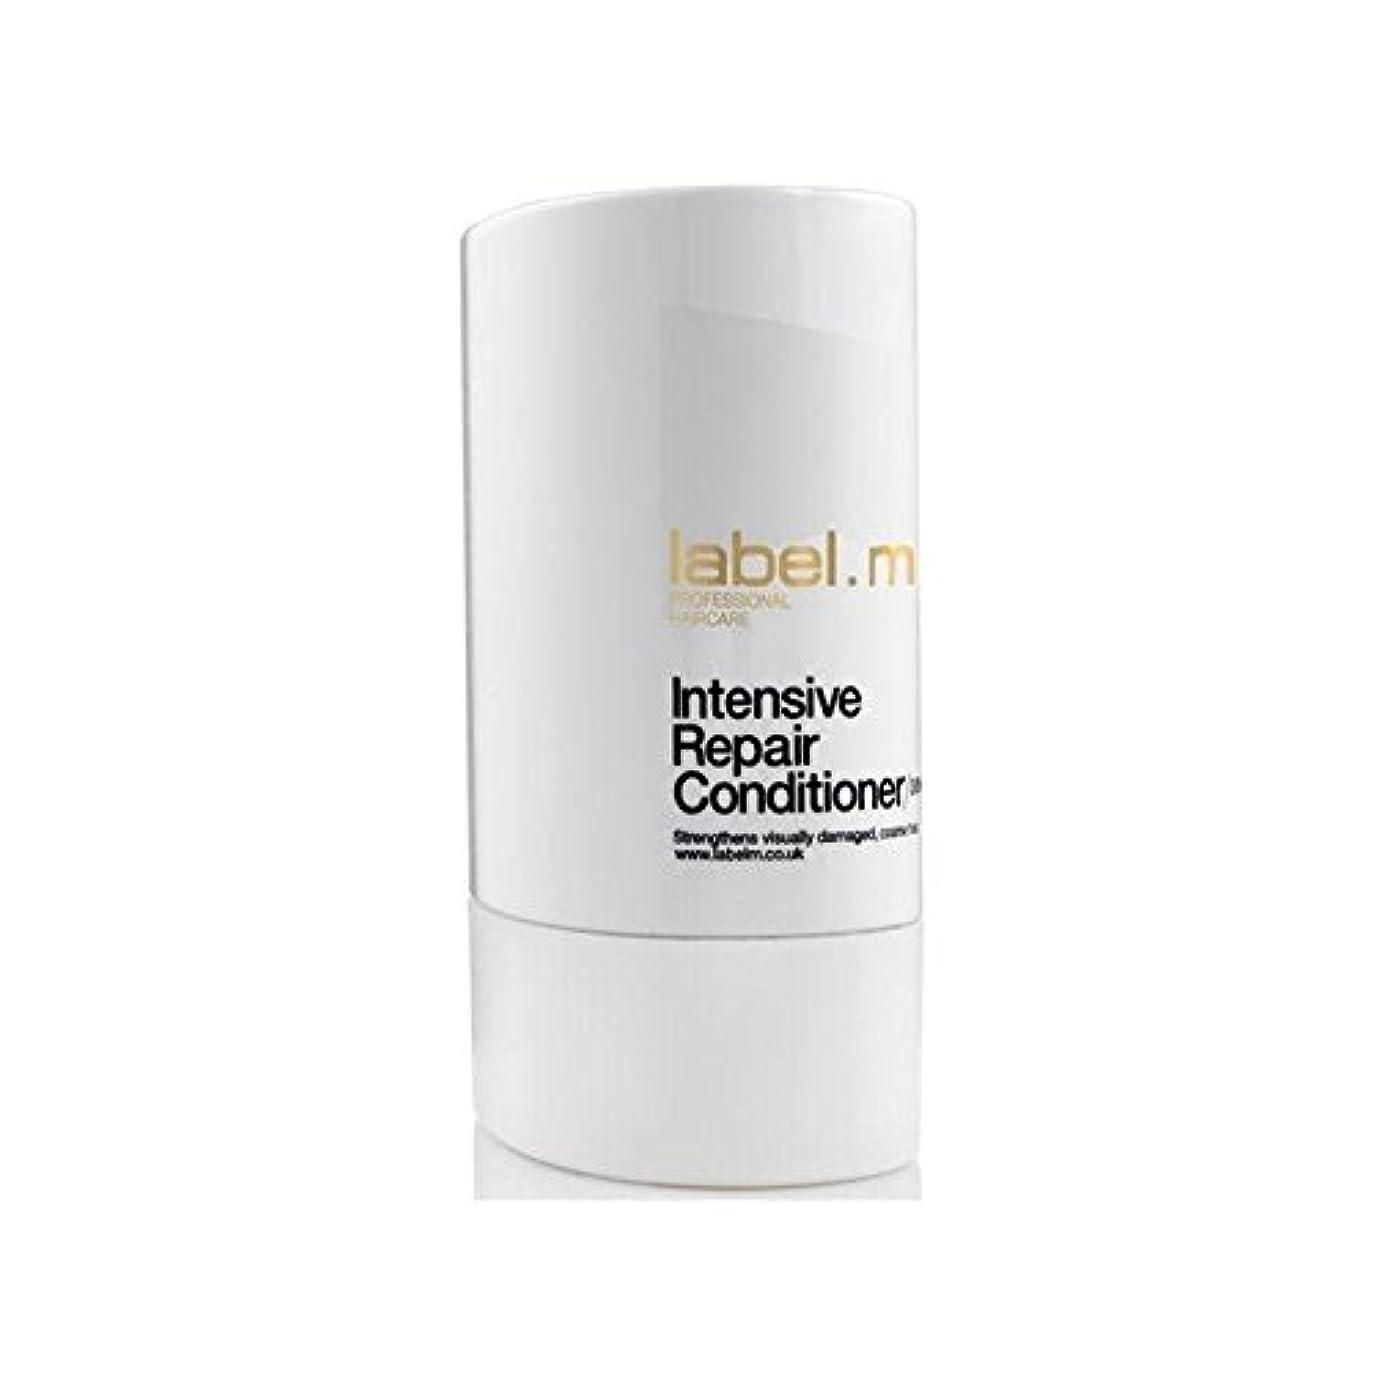 スクリーチナンセンス近似Label.M Intensive Repair Conditioner (300ml) - .の集中リペアコンディショナー(300ミリリットル) [並行輸入品]